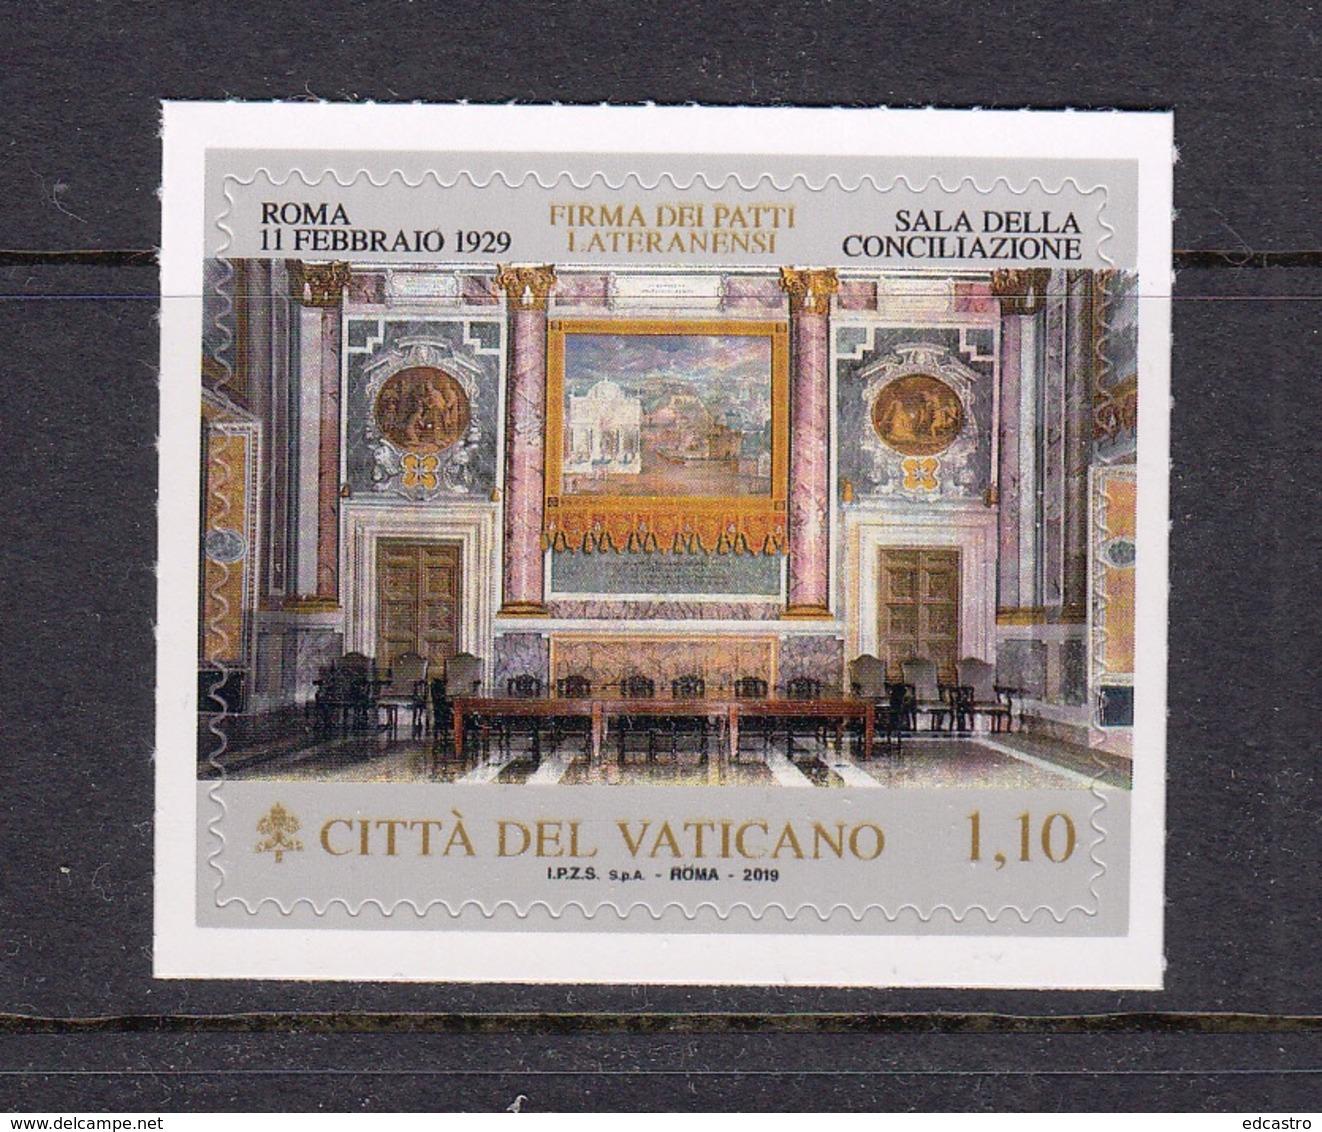 5.- VATICAN CITY 2019 90 ANNIVERSARY PATTI LATERANENSI VATICAN CITY STATE - Vaticano (Ciudad Del)